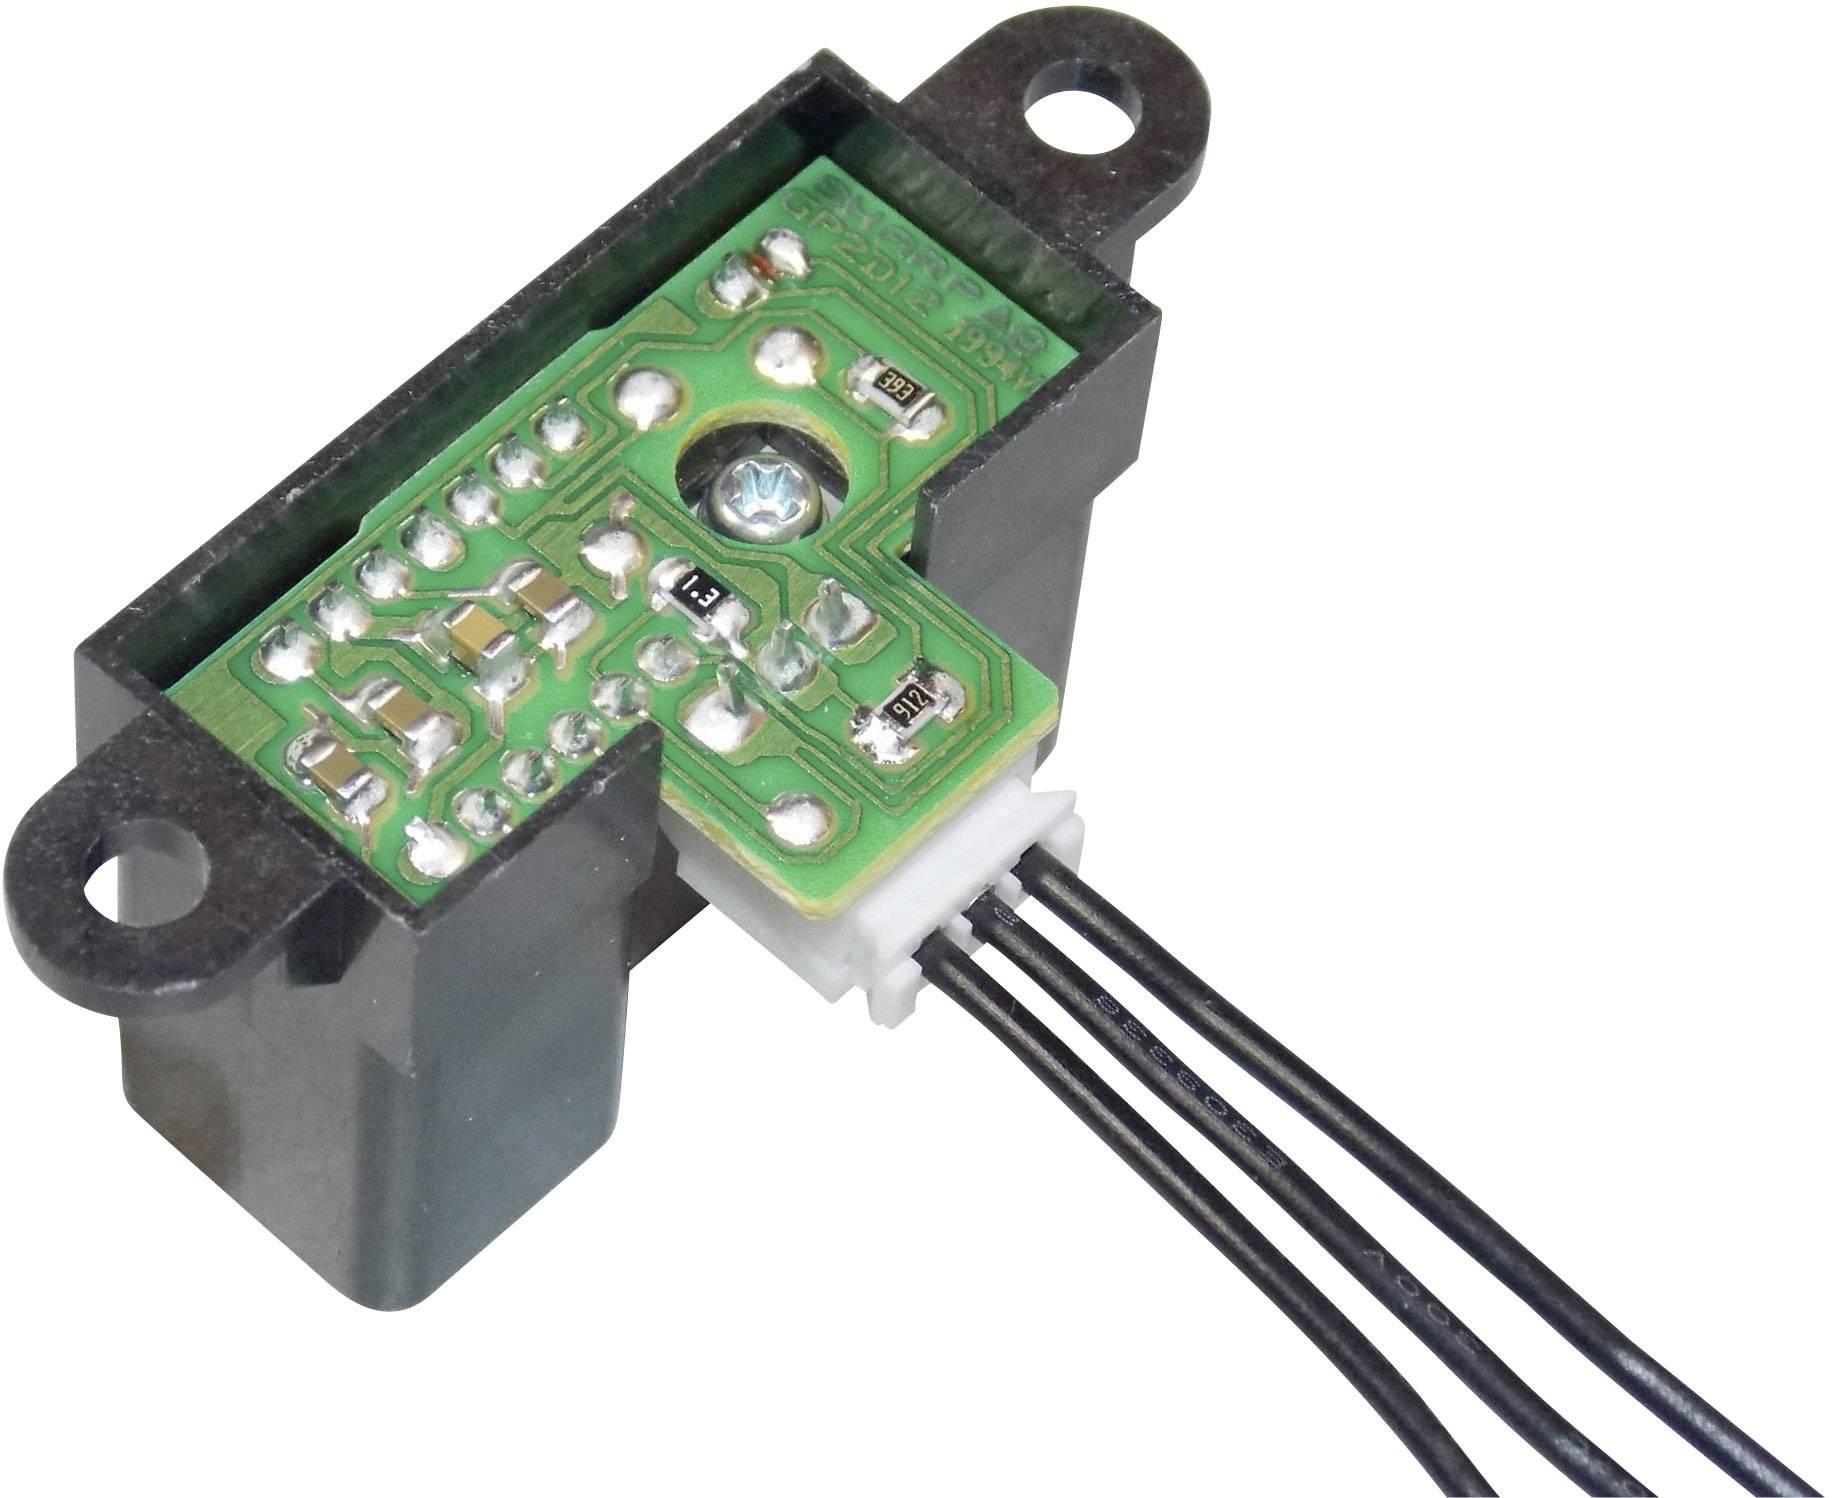 Senzor na meranie vzdialenosti Sharp GP2Y0A02YK, rozsah 20 - 150 cm, 5 V/DC